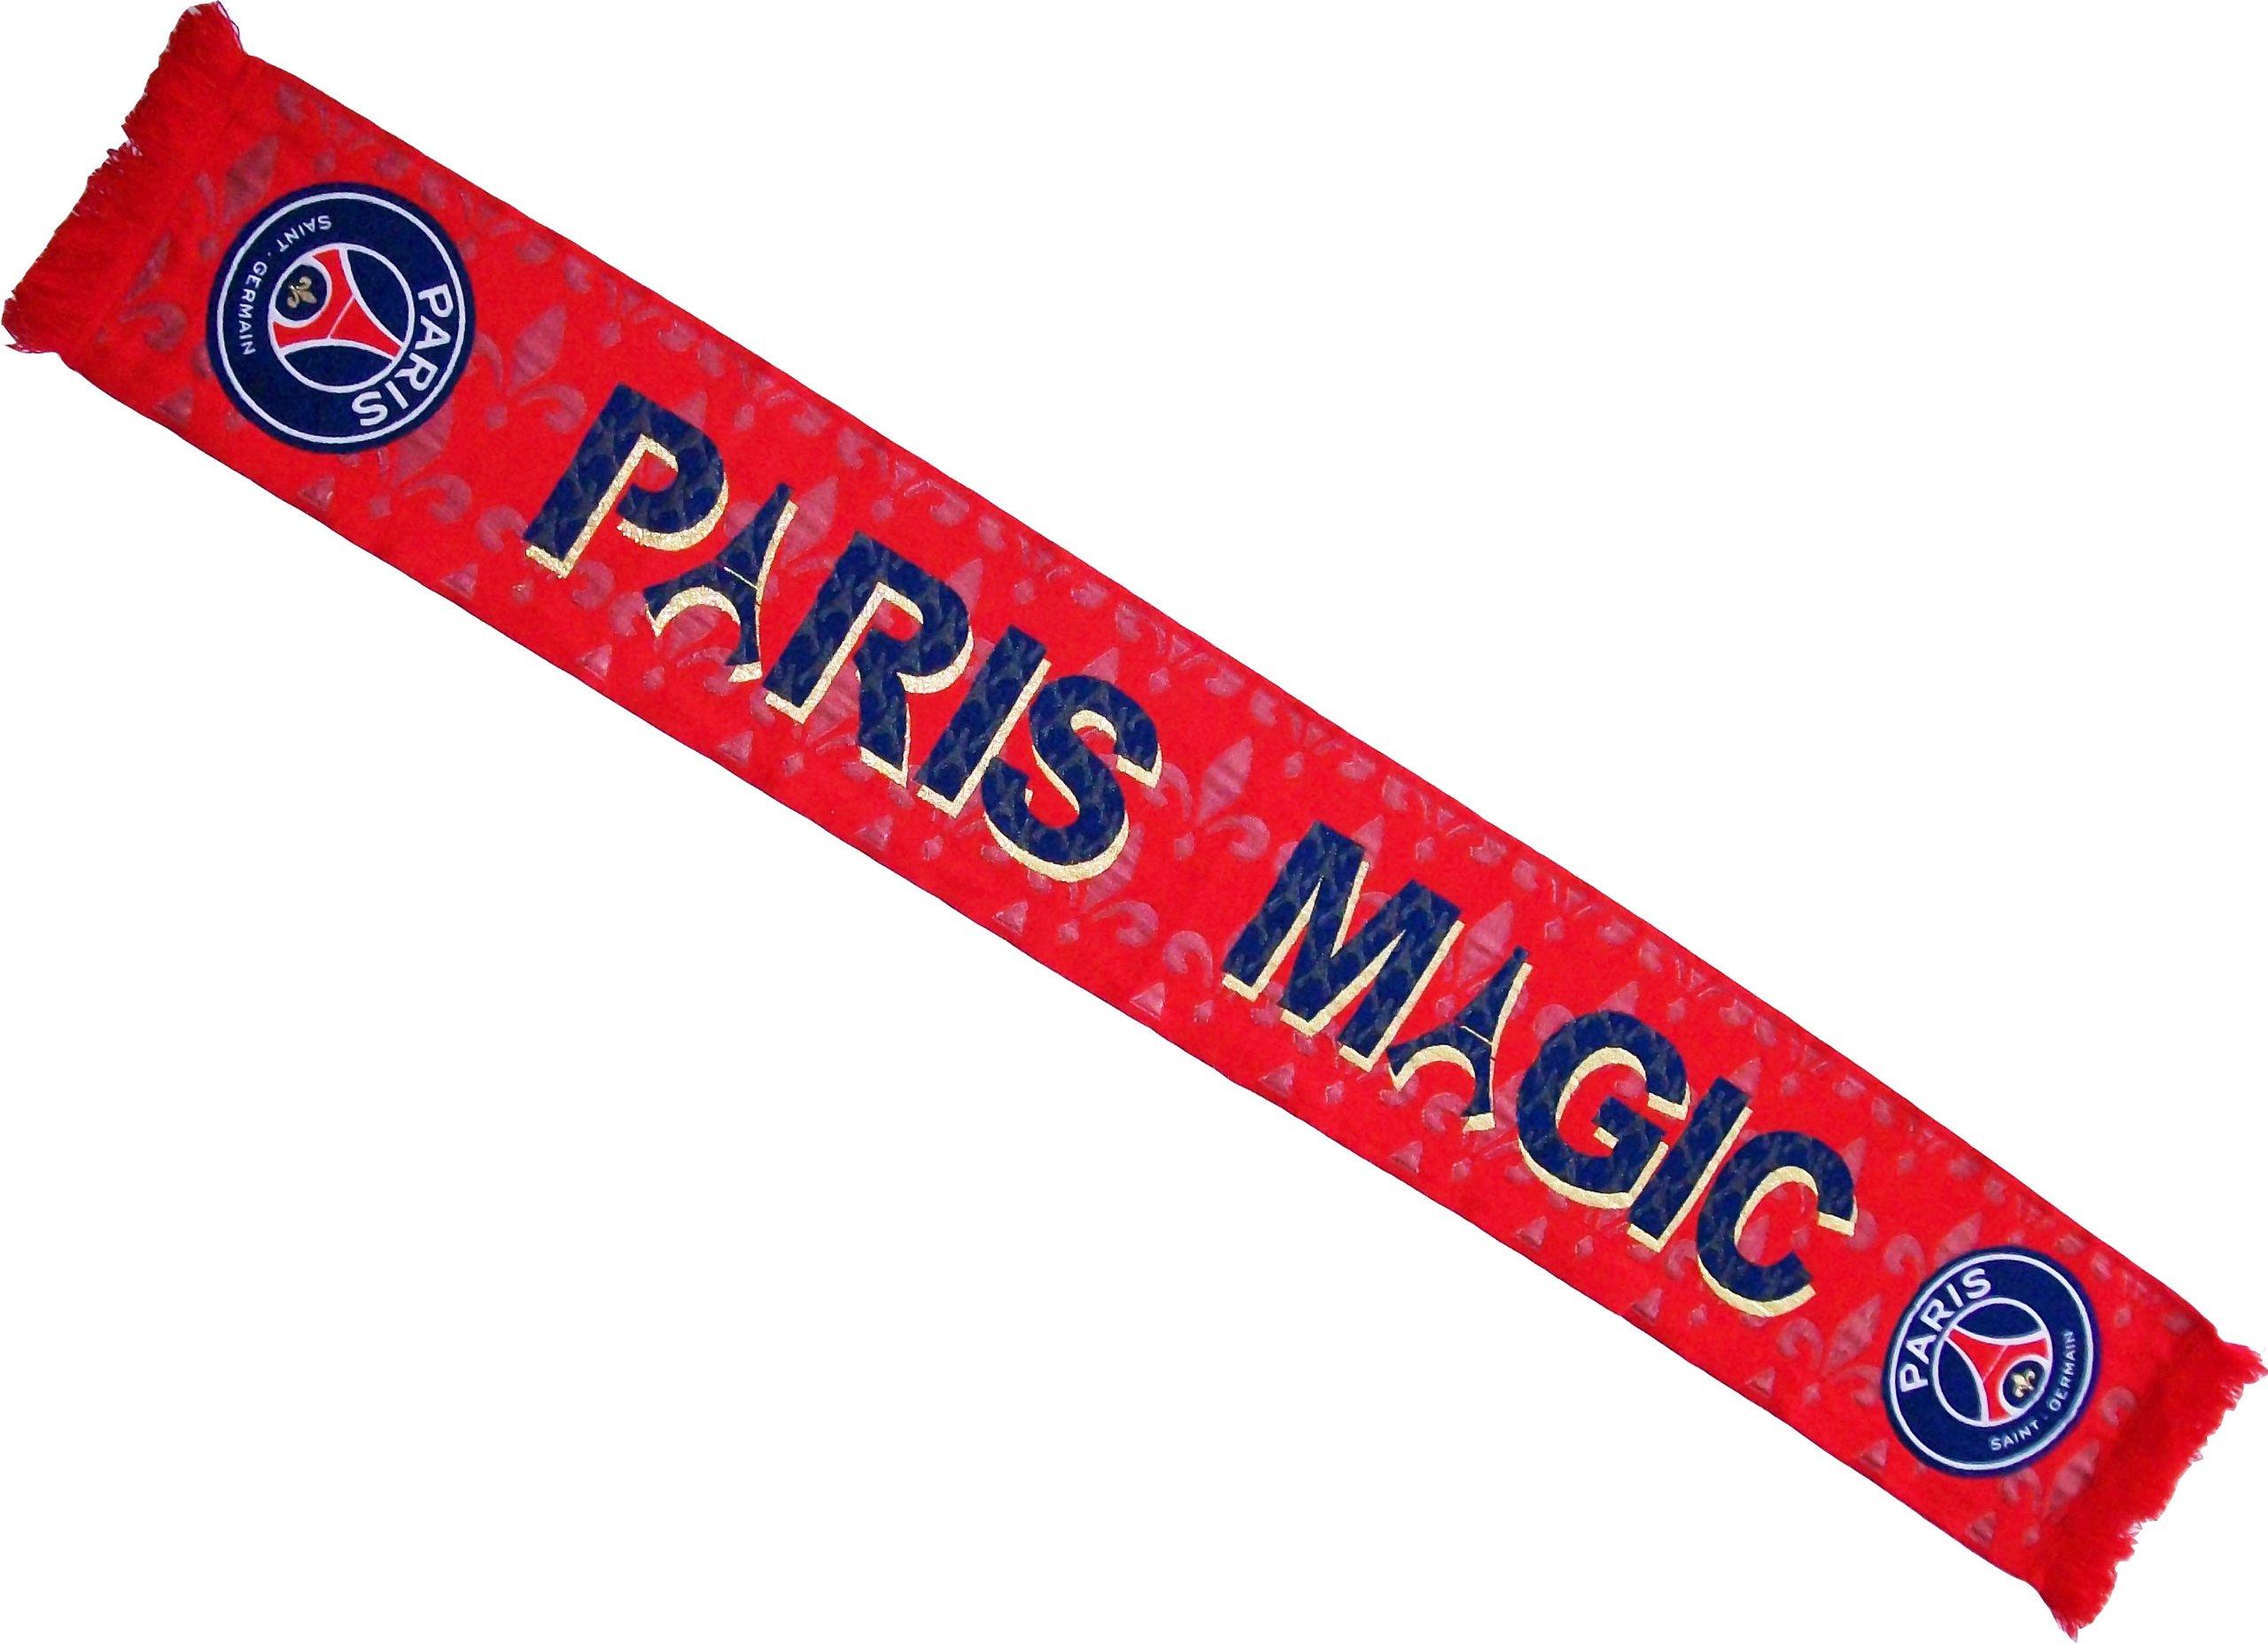 Sciarpa del PARIS SAINT GERMAIN, collezione ufficiale squadra di calcio PARIS SAINT GERMAIN, modello